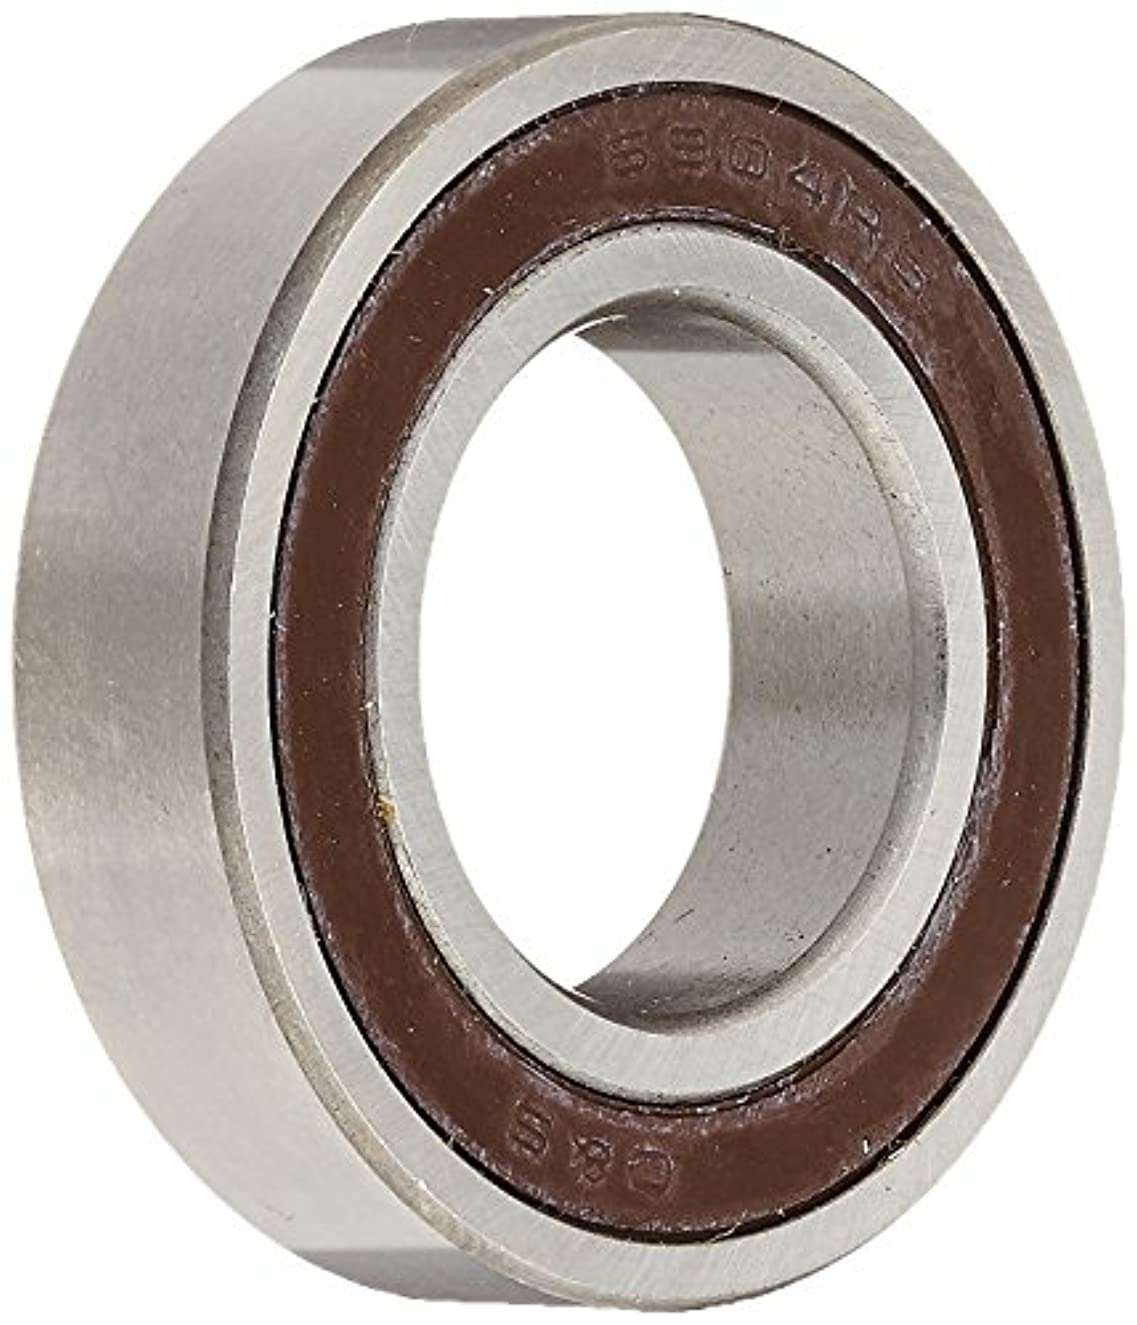 診療所振動する簿記係Wheels Manufacturing Sealed SB-6904 Sealed Bearing - QR Non Disc Hub (Bag of 2) by Wheels Manufacturing